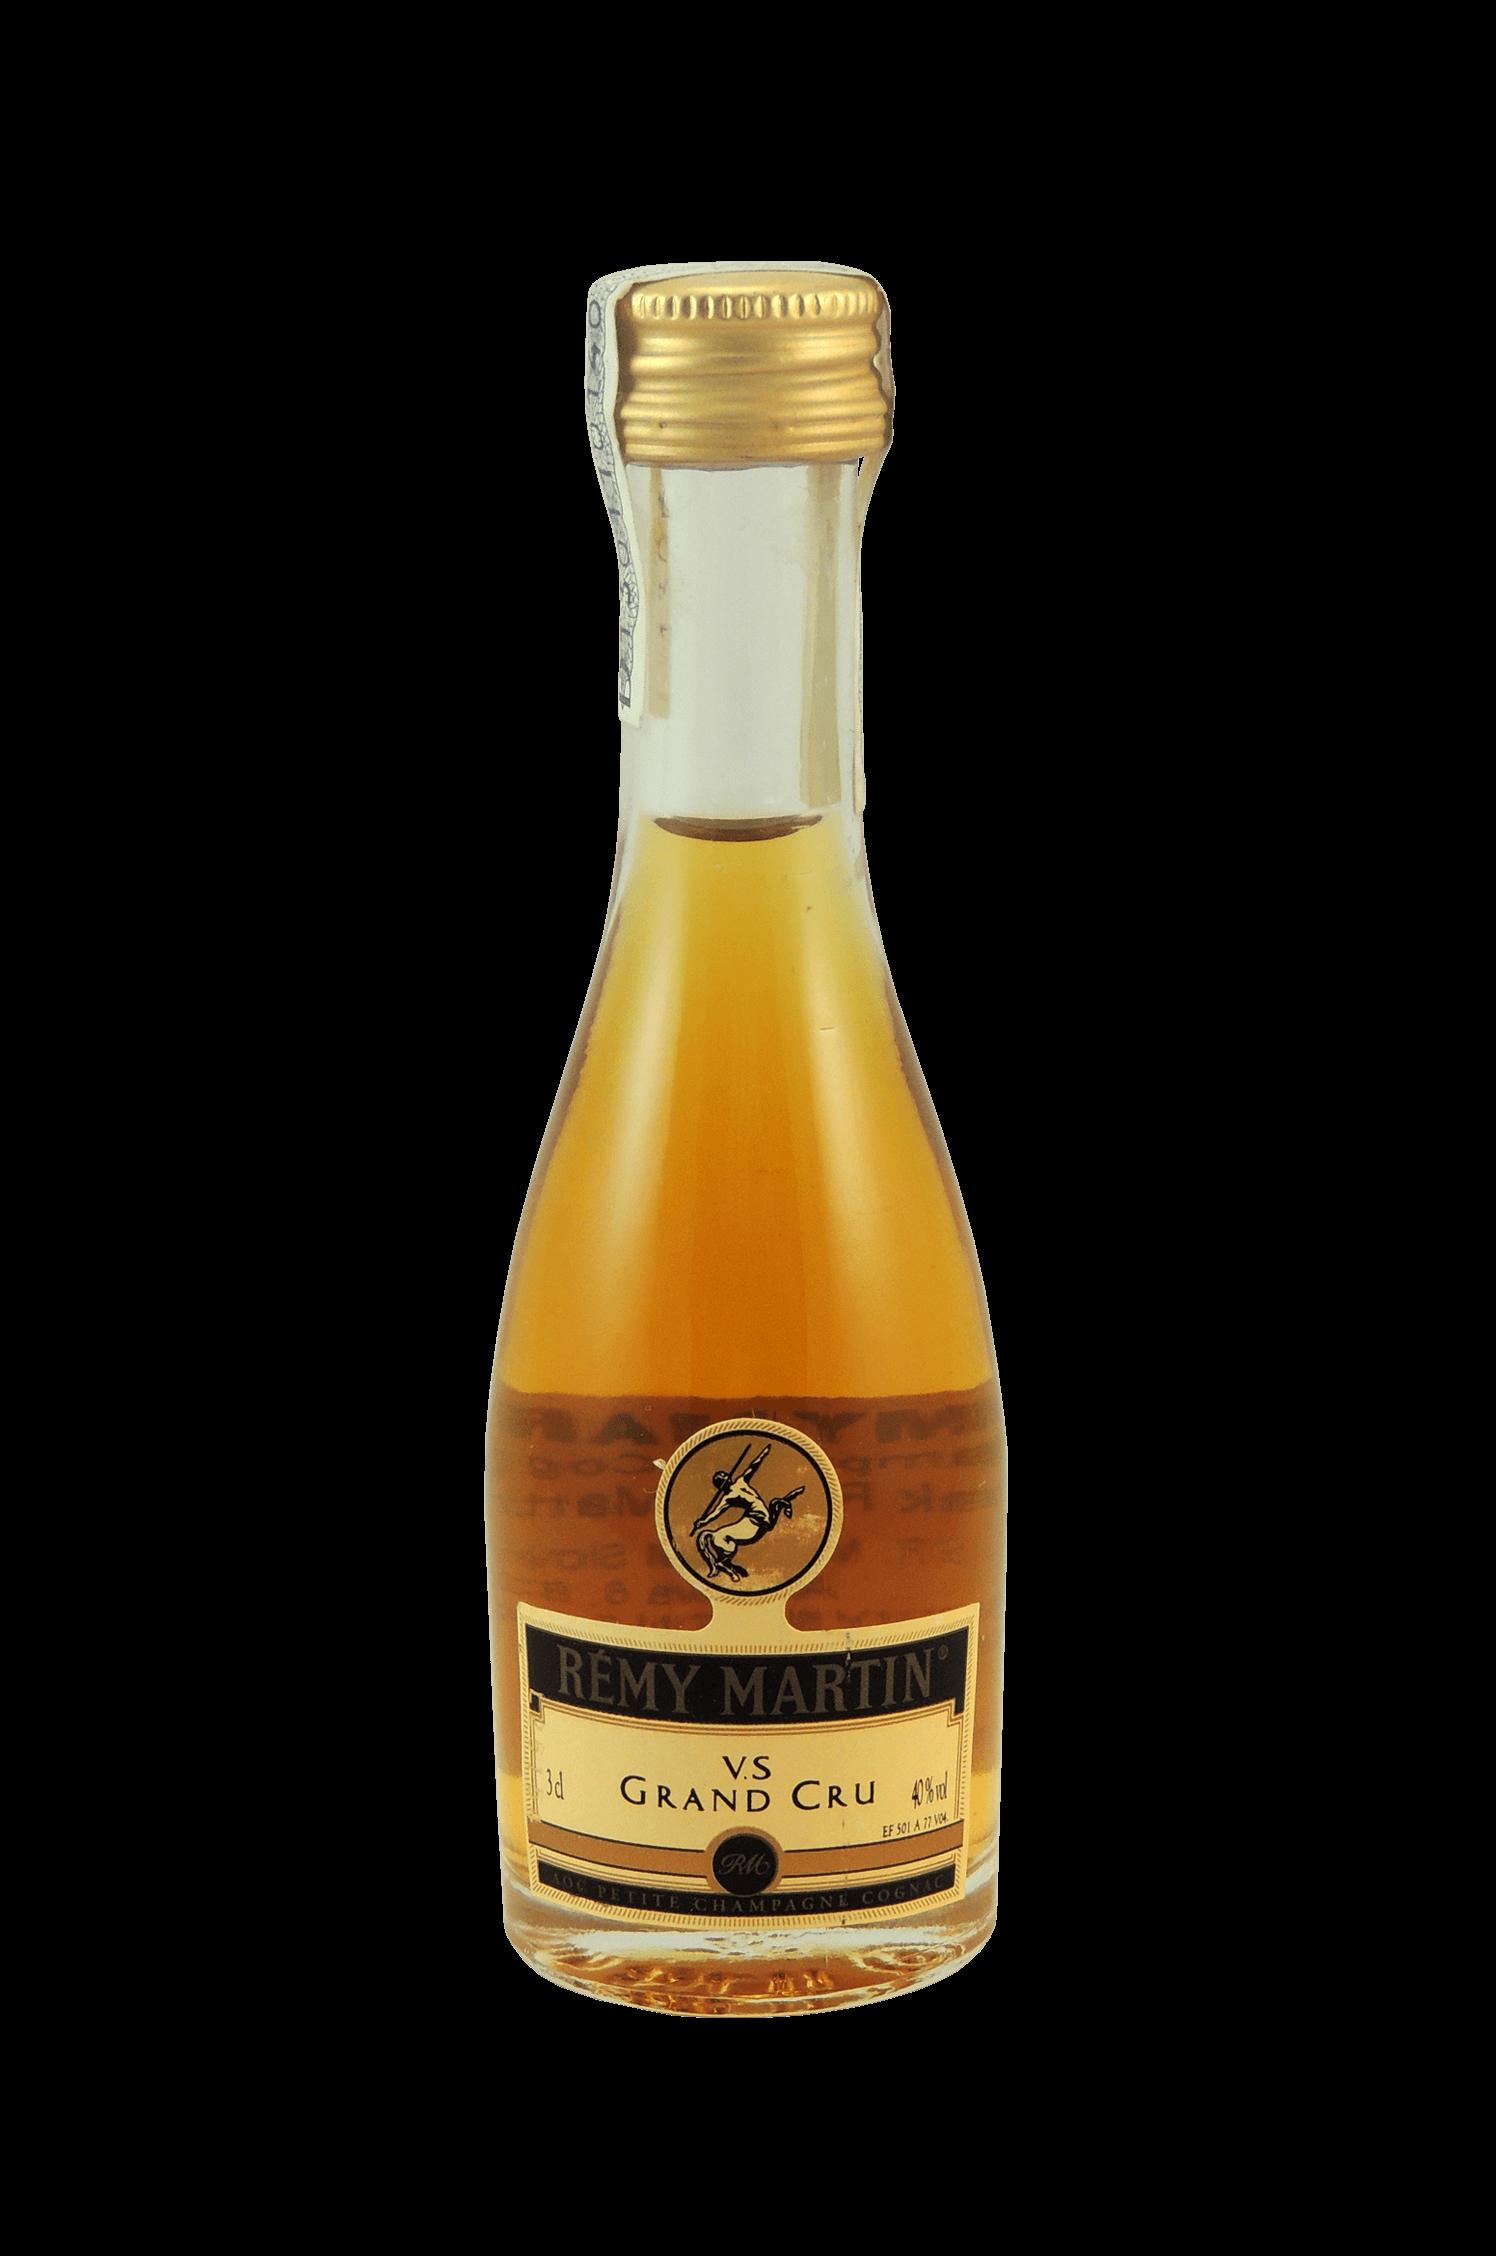 Rémy Martin V.S. Grand Cru